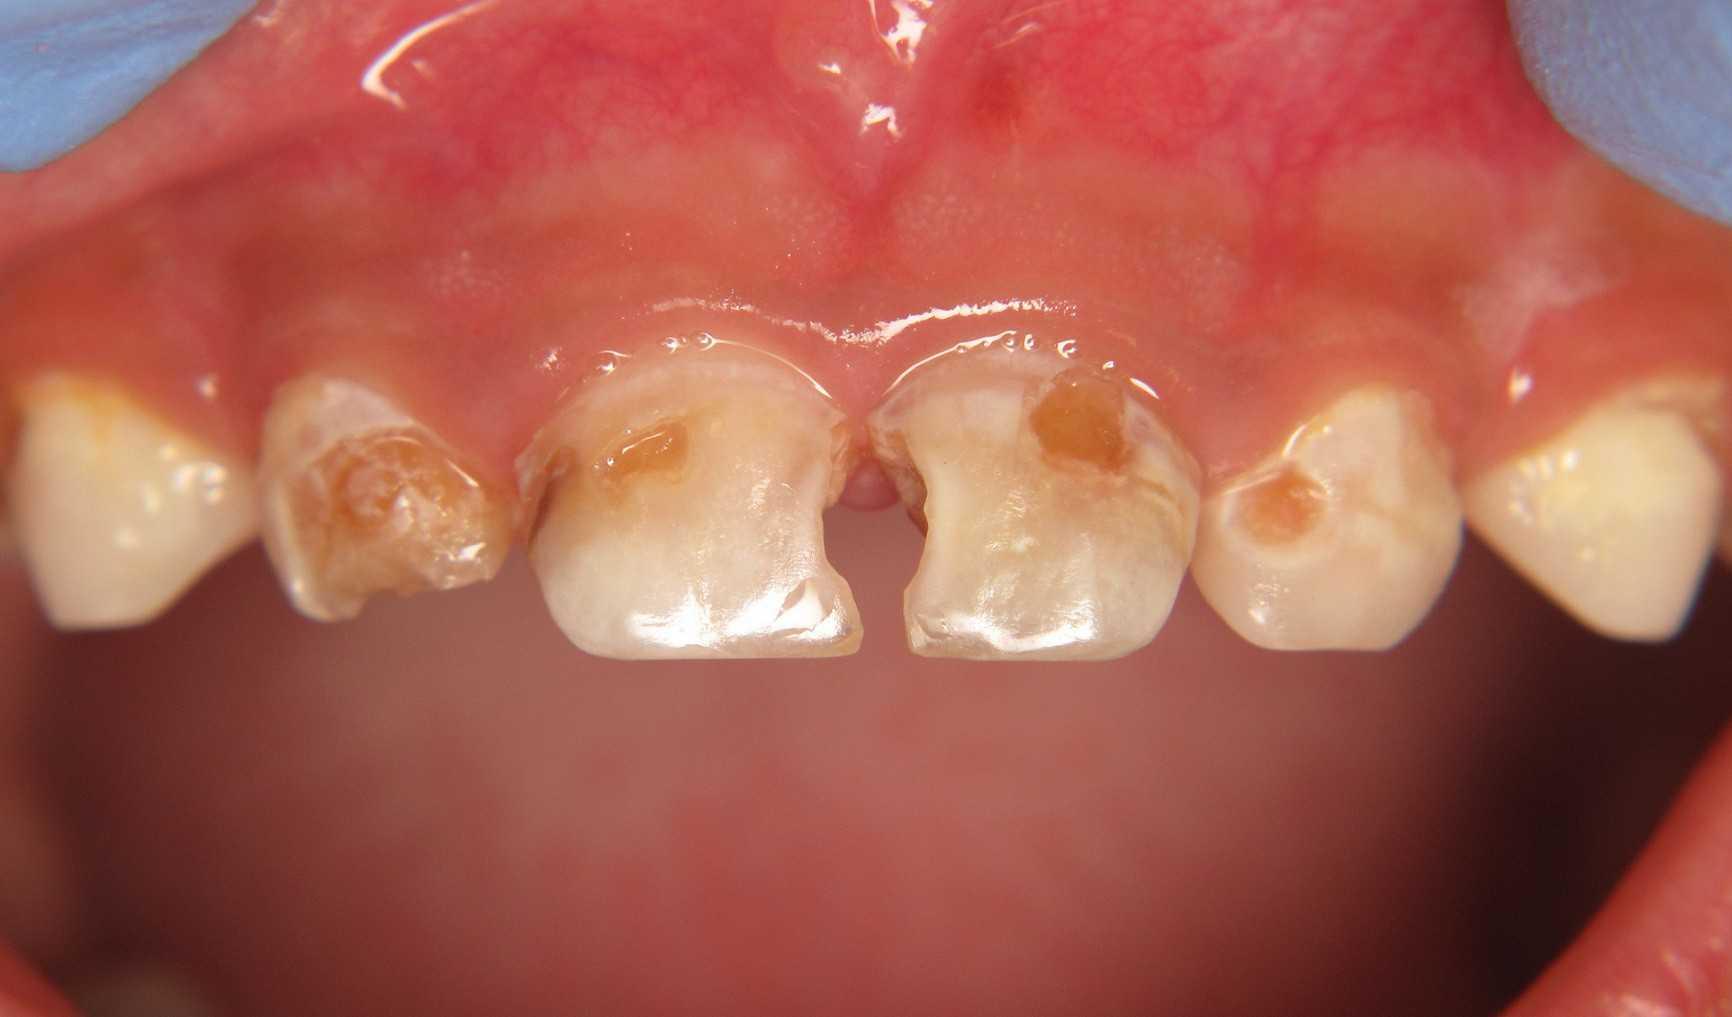 Молочные зубы, поражённые кариесом